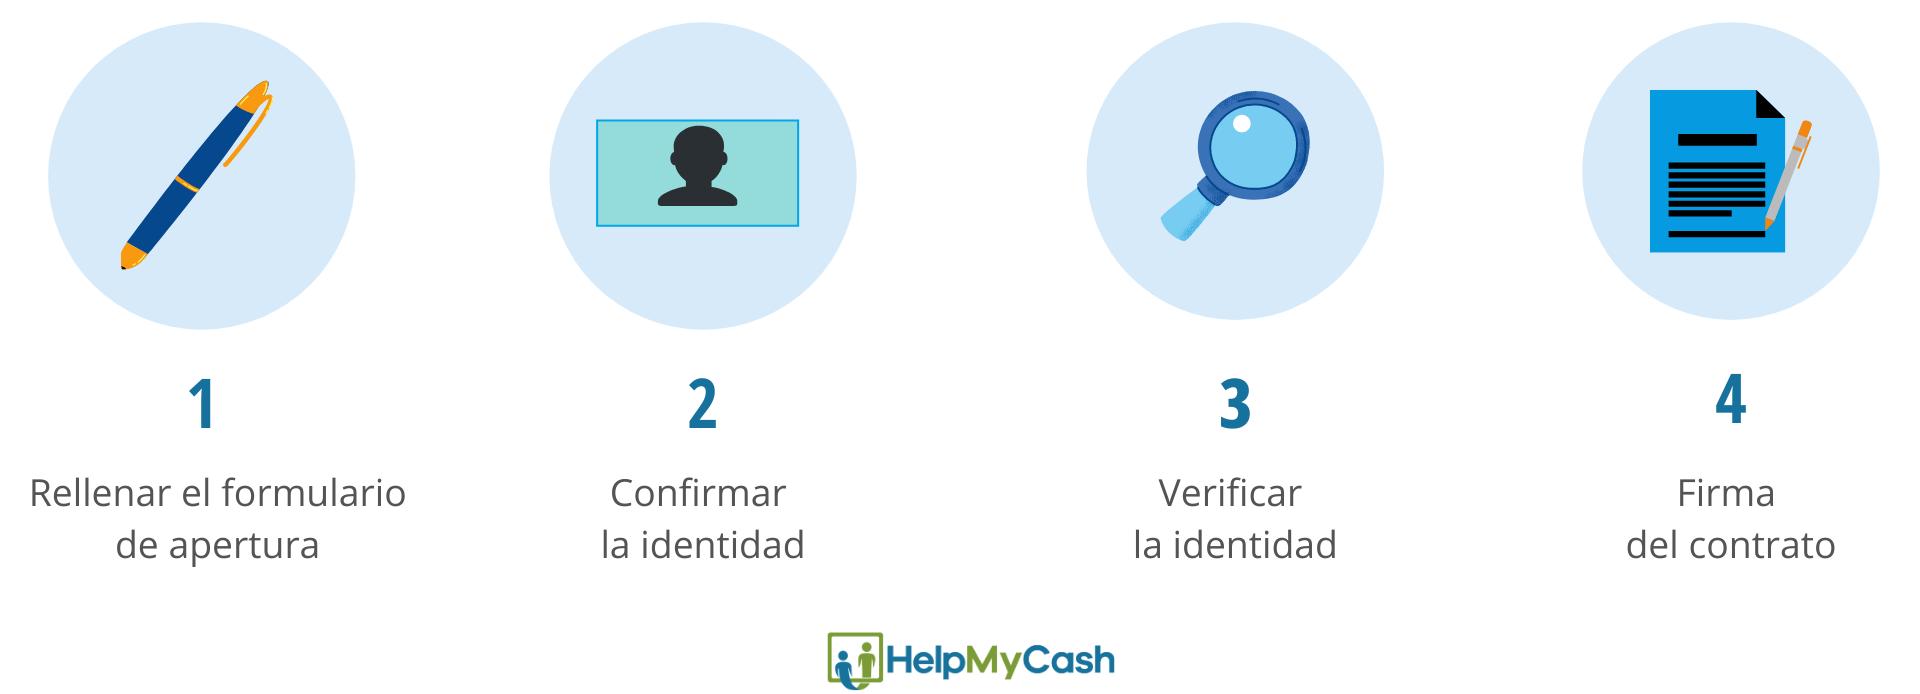 Abrir cuenta bancaria desde la app del banco: 1-rellenar el formulario de apertura. 2- confirmar la identidad. 3-verificar la identidad. 4- firma del contrato.